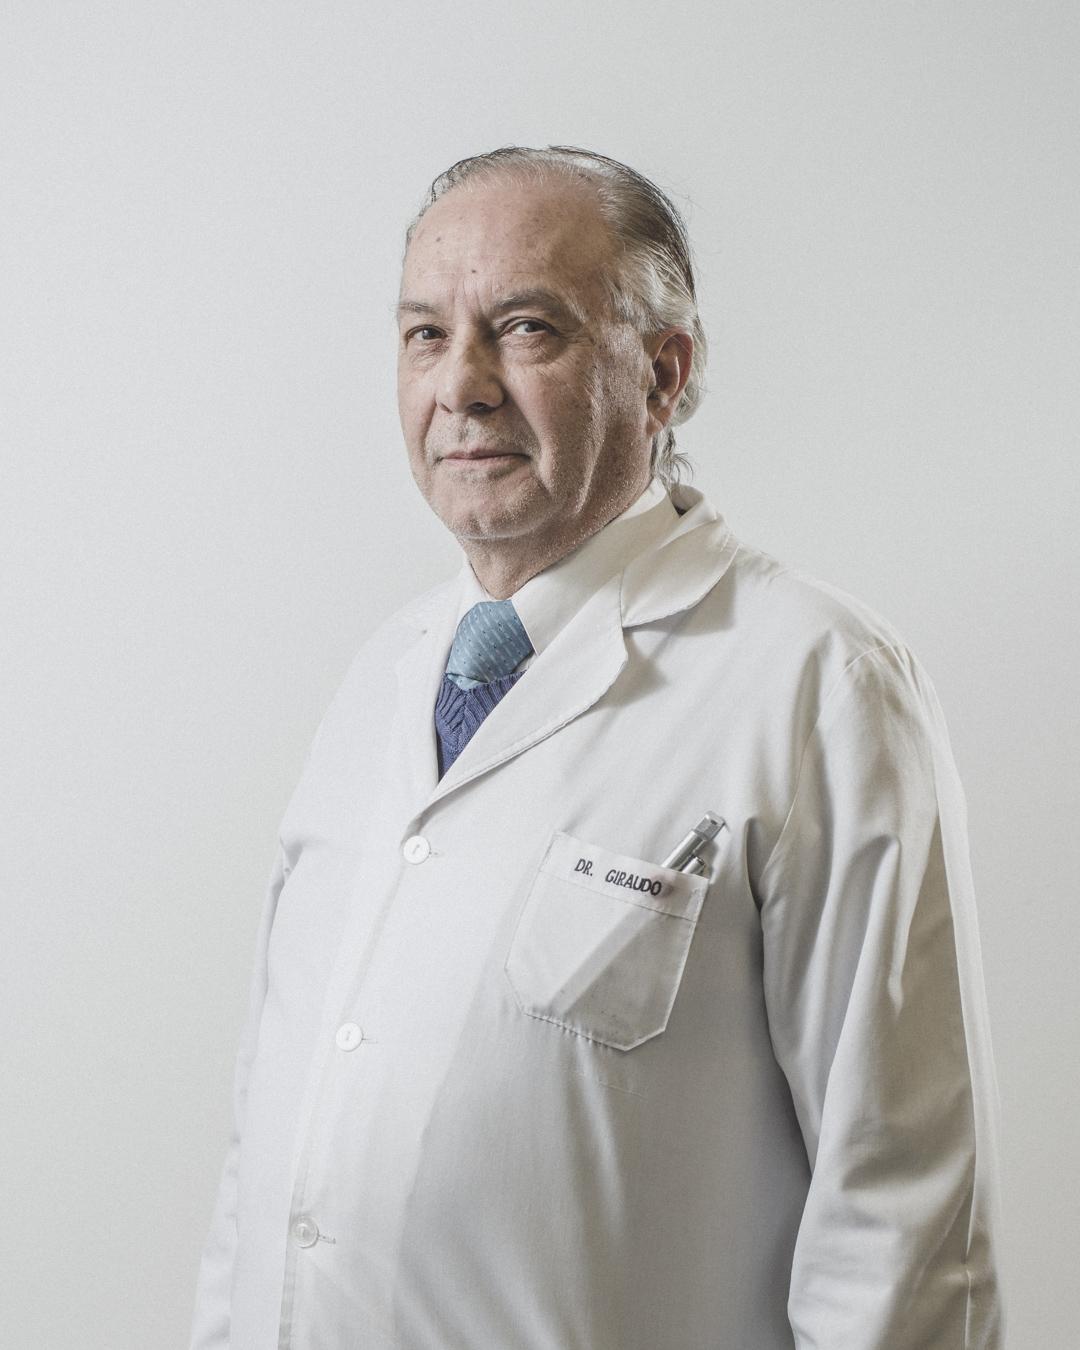 Martín Giraudo - Cardiólogo